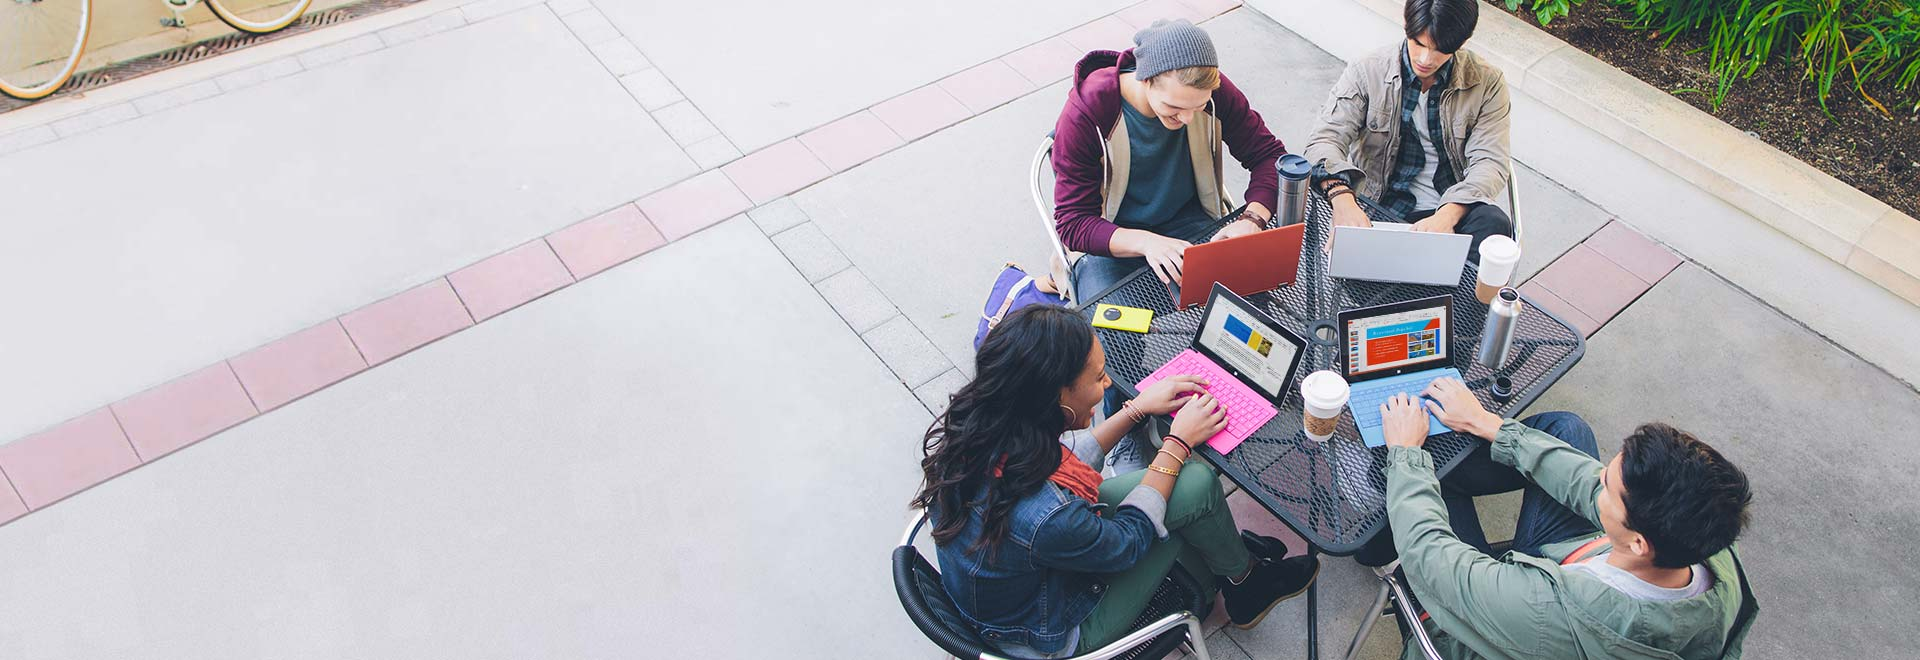 Quatre étudiants autour d'une table à l'extérieur, utilisant Office365 Éducation sur leur tablette.